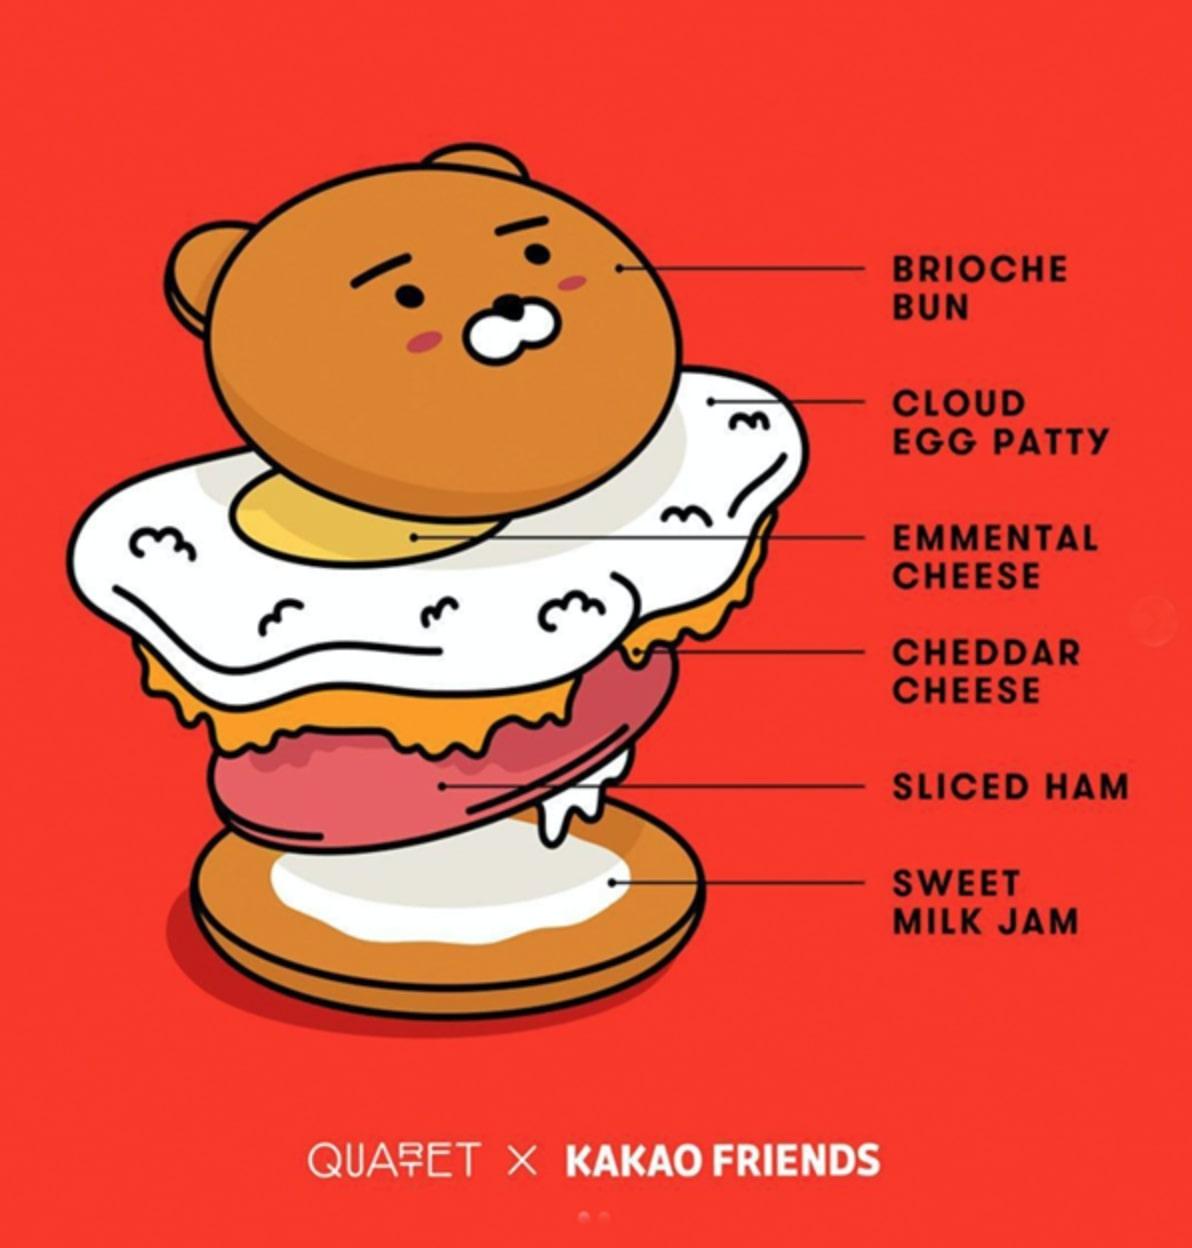 我們來分析一下RYAN蛋堡夾了什麼:從最上層開始是RYAN造型麵包、煎蛋、起司、切達起司、火腿片、牛奶醬。